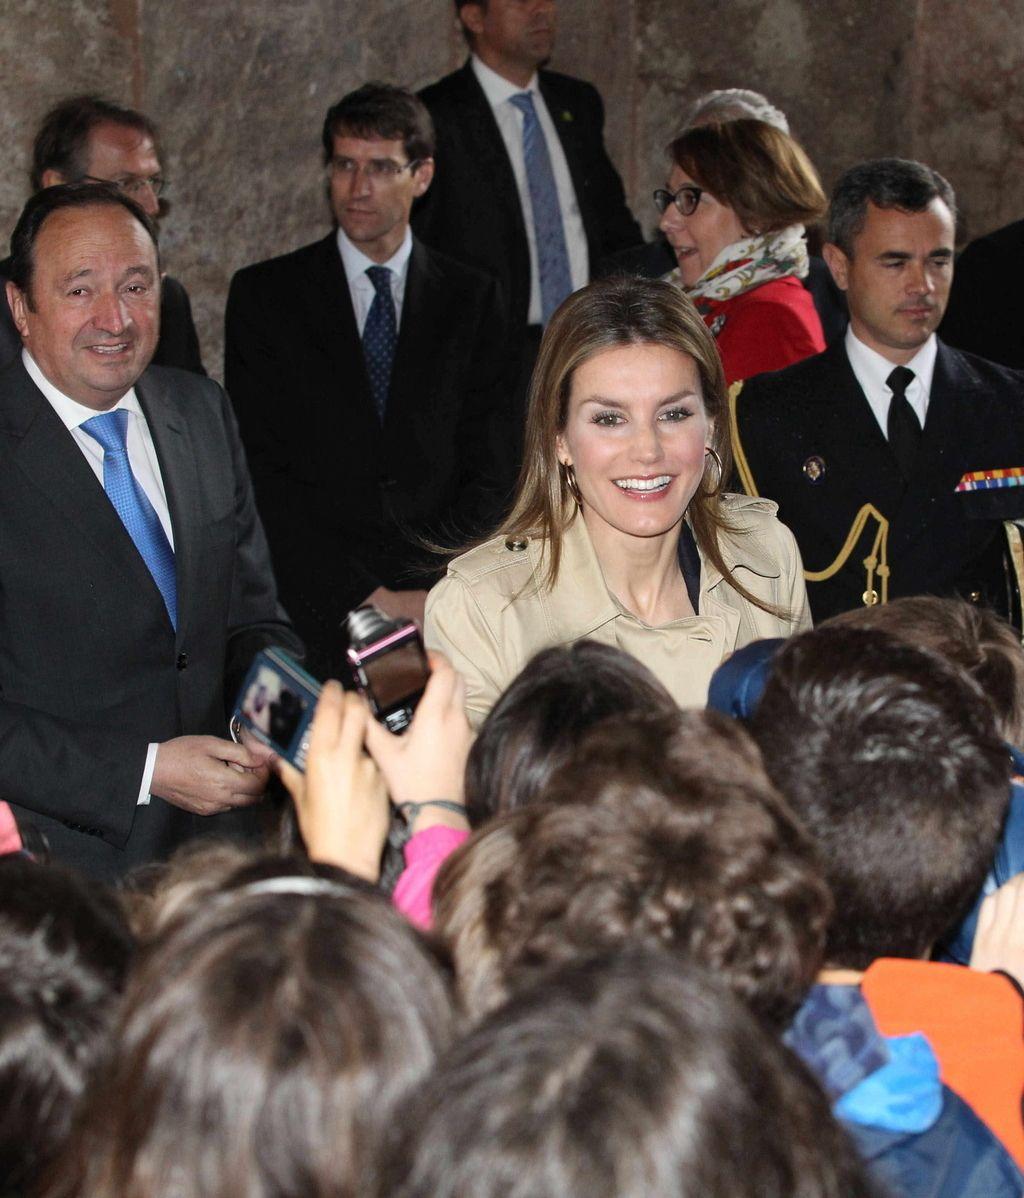 La Princesa inaugura el IX Seminario Internacional de Lengua y Periodismo